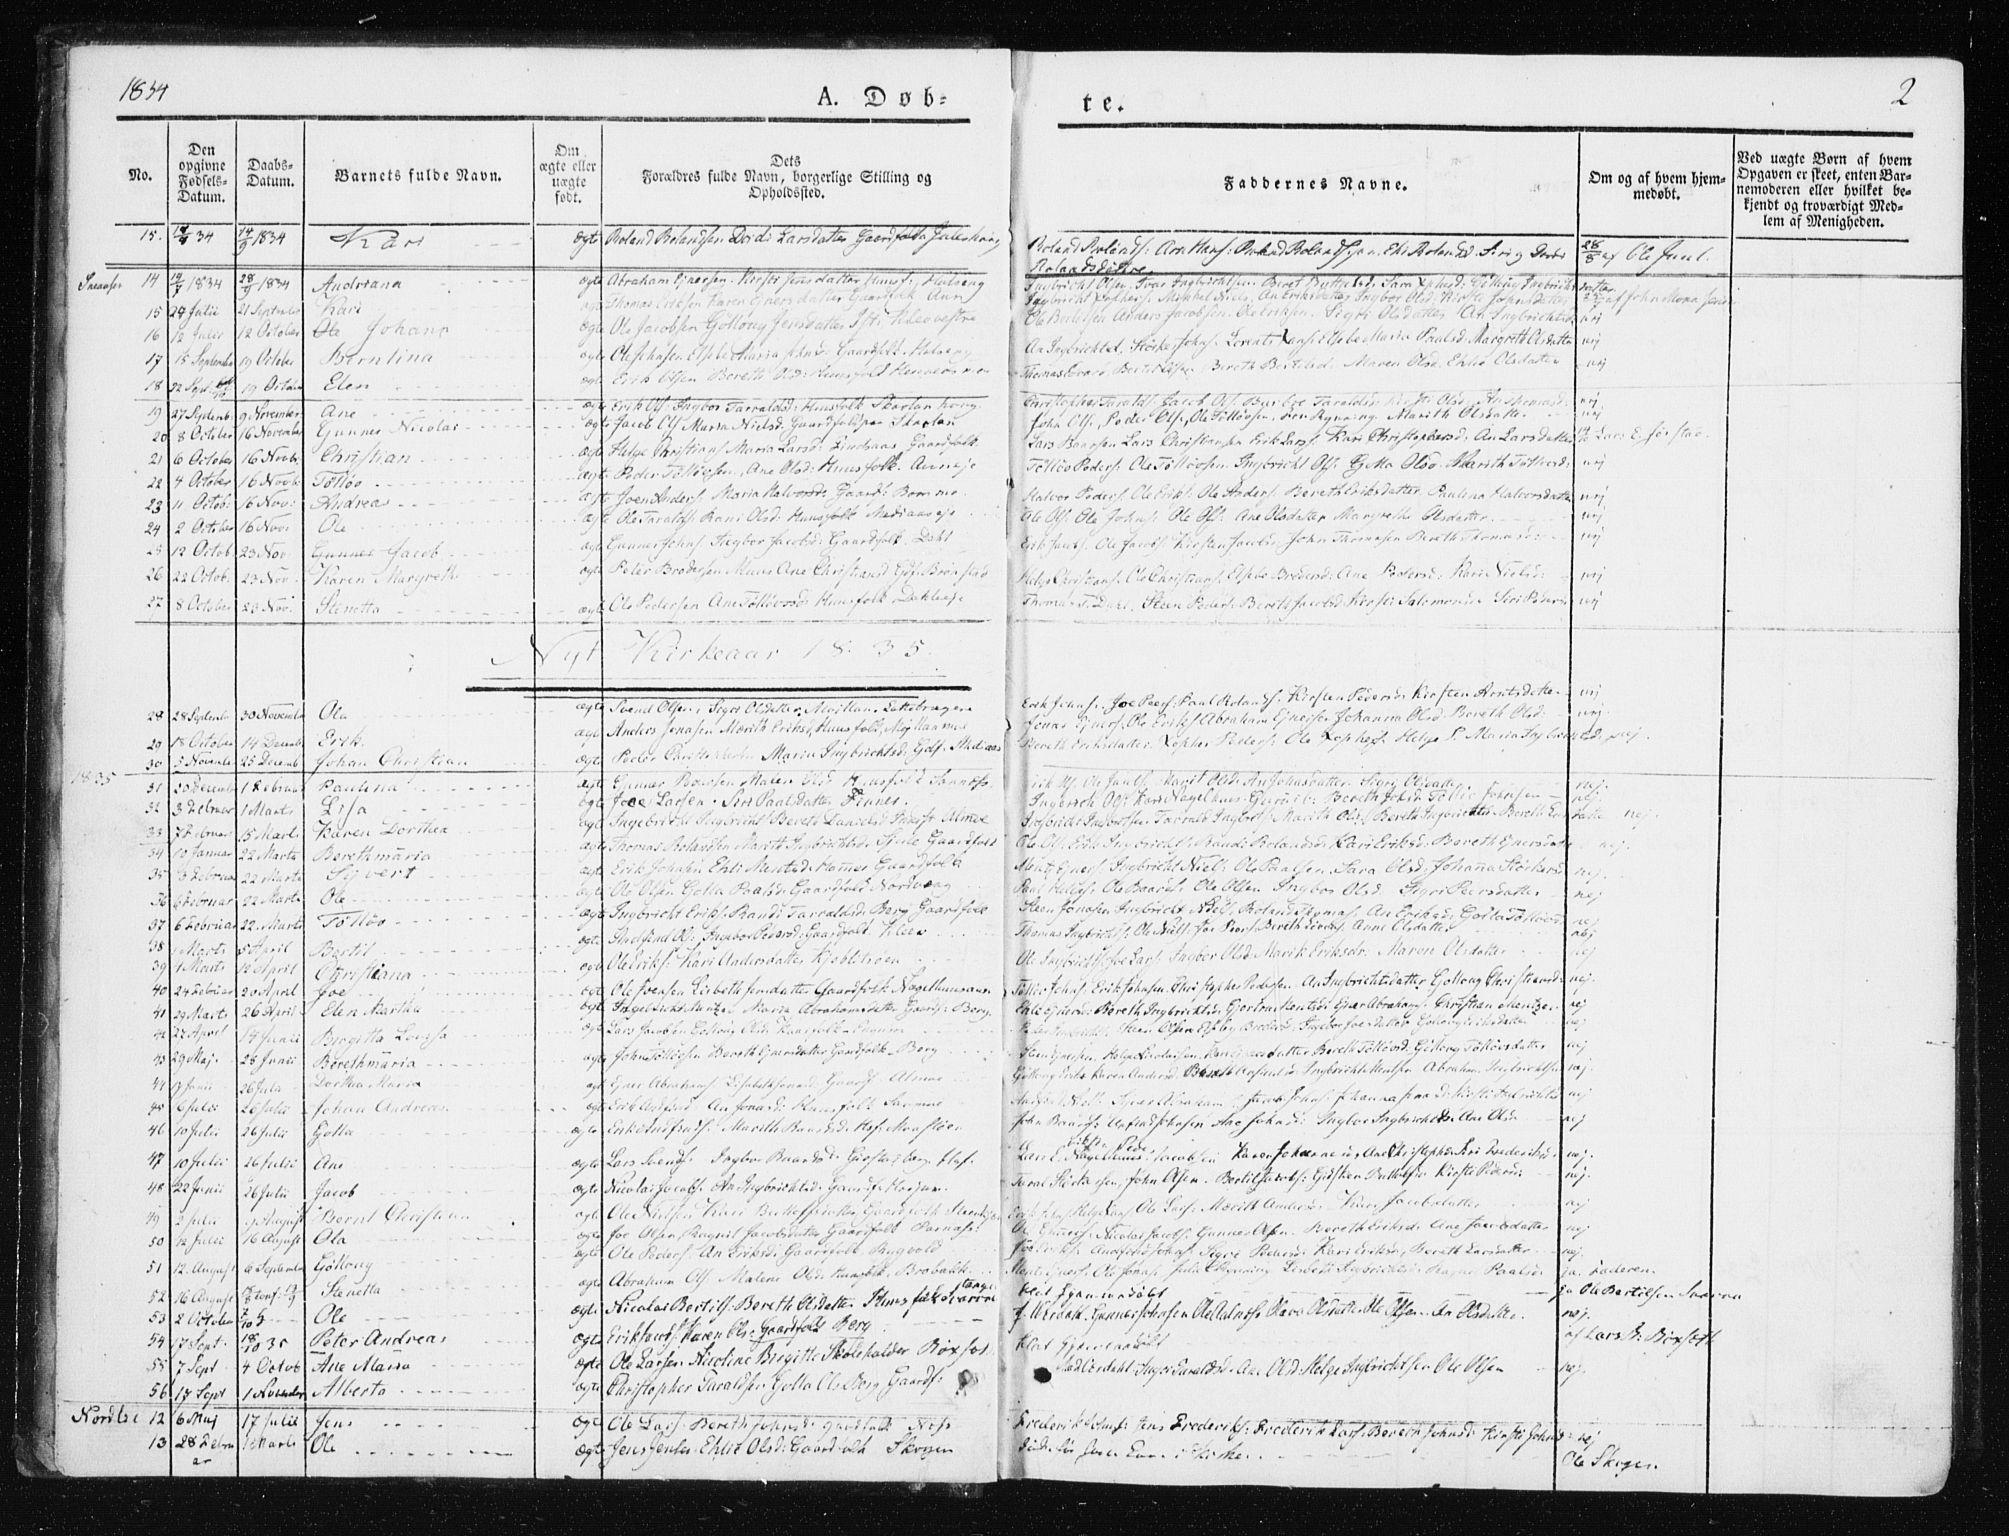 SAT, Ministerialprotokoller, klokkerbøker og fødselsregistre - Nord-Trøndelag, 749/L0470: Ministerialbok nr. 749A04, 1834-1853, s. 2